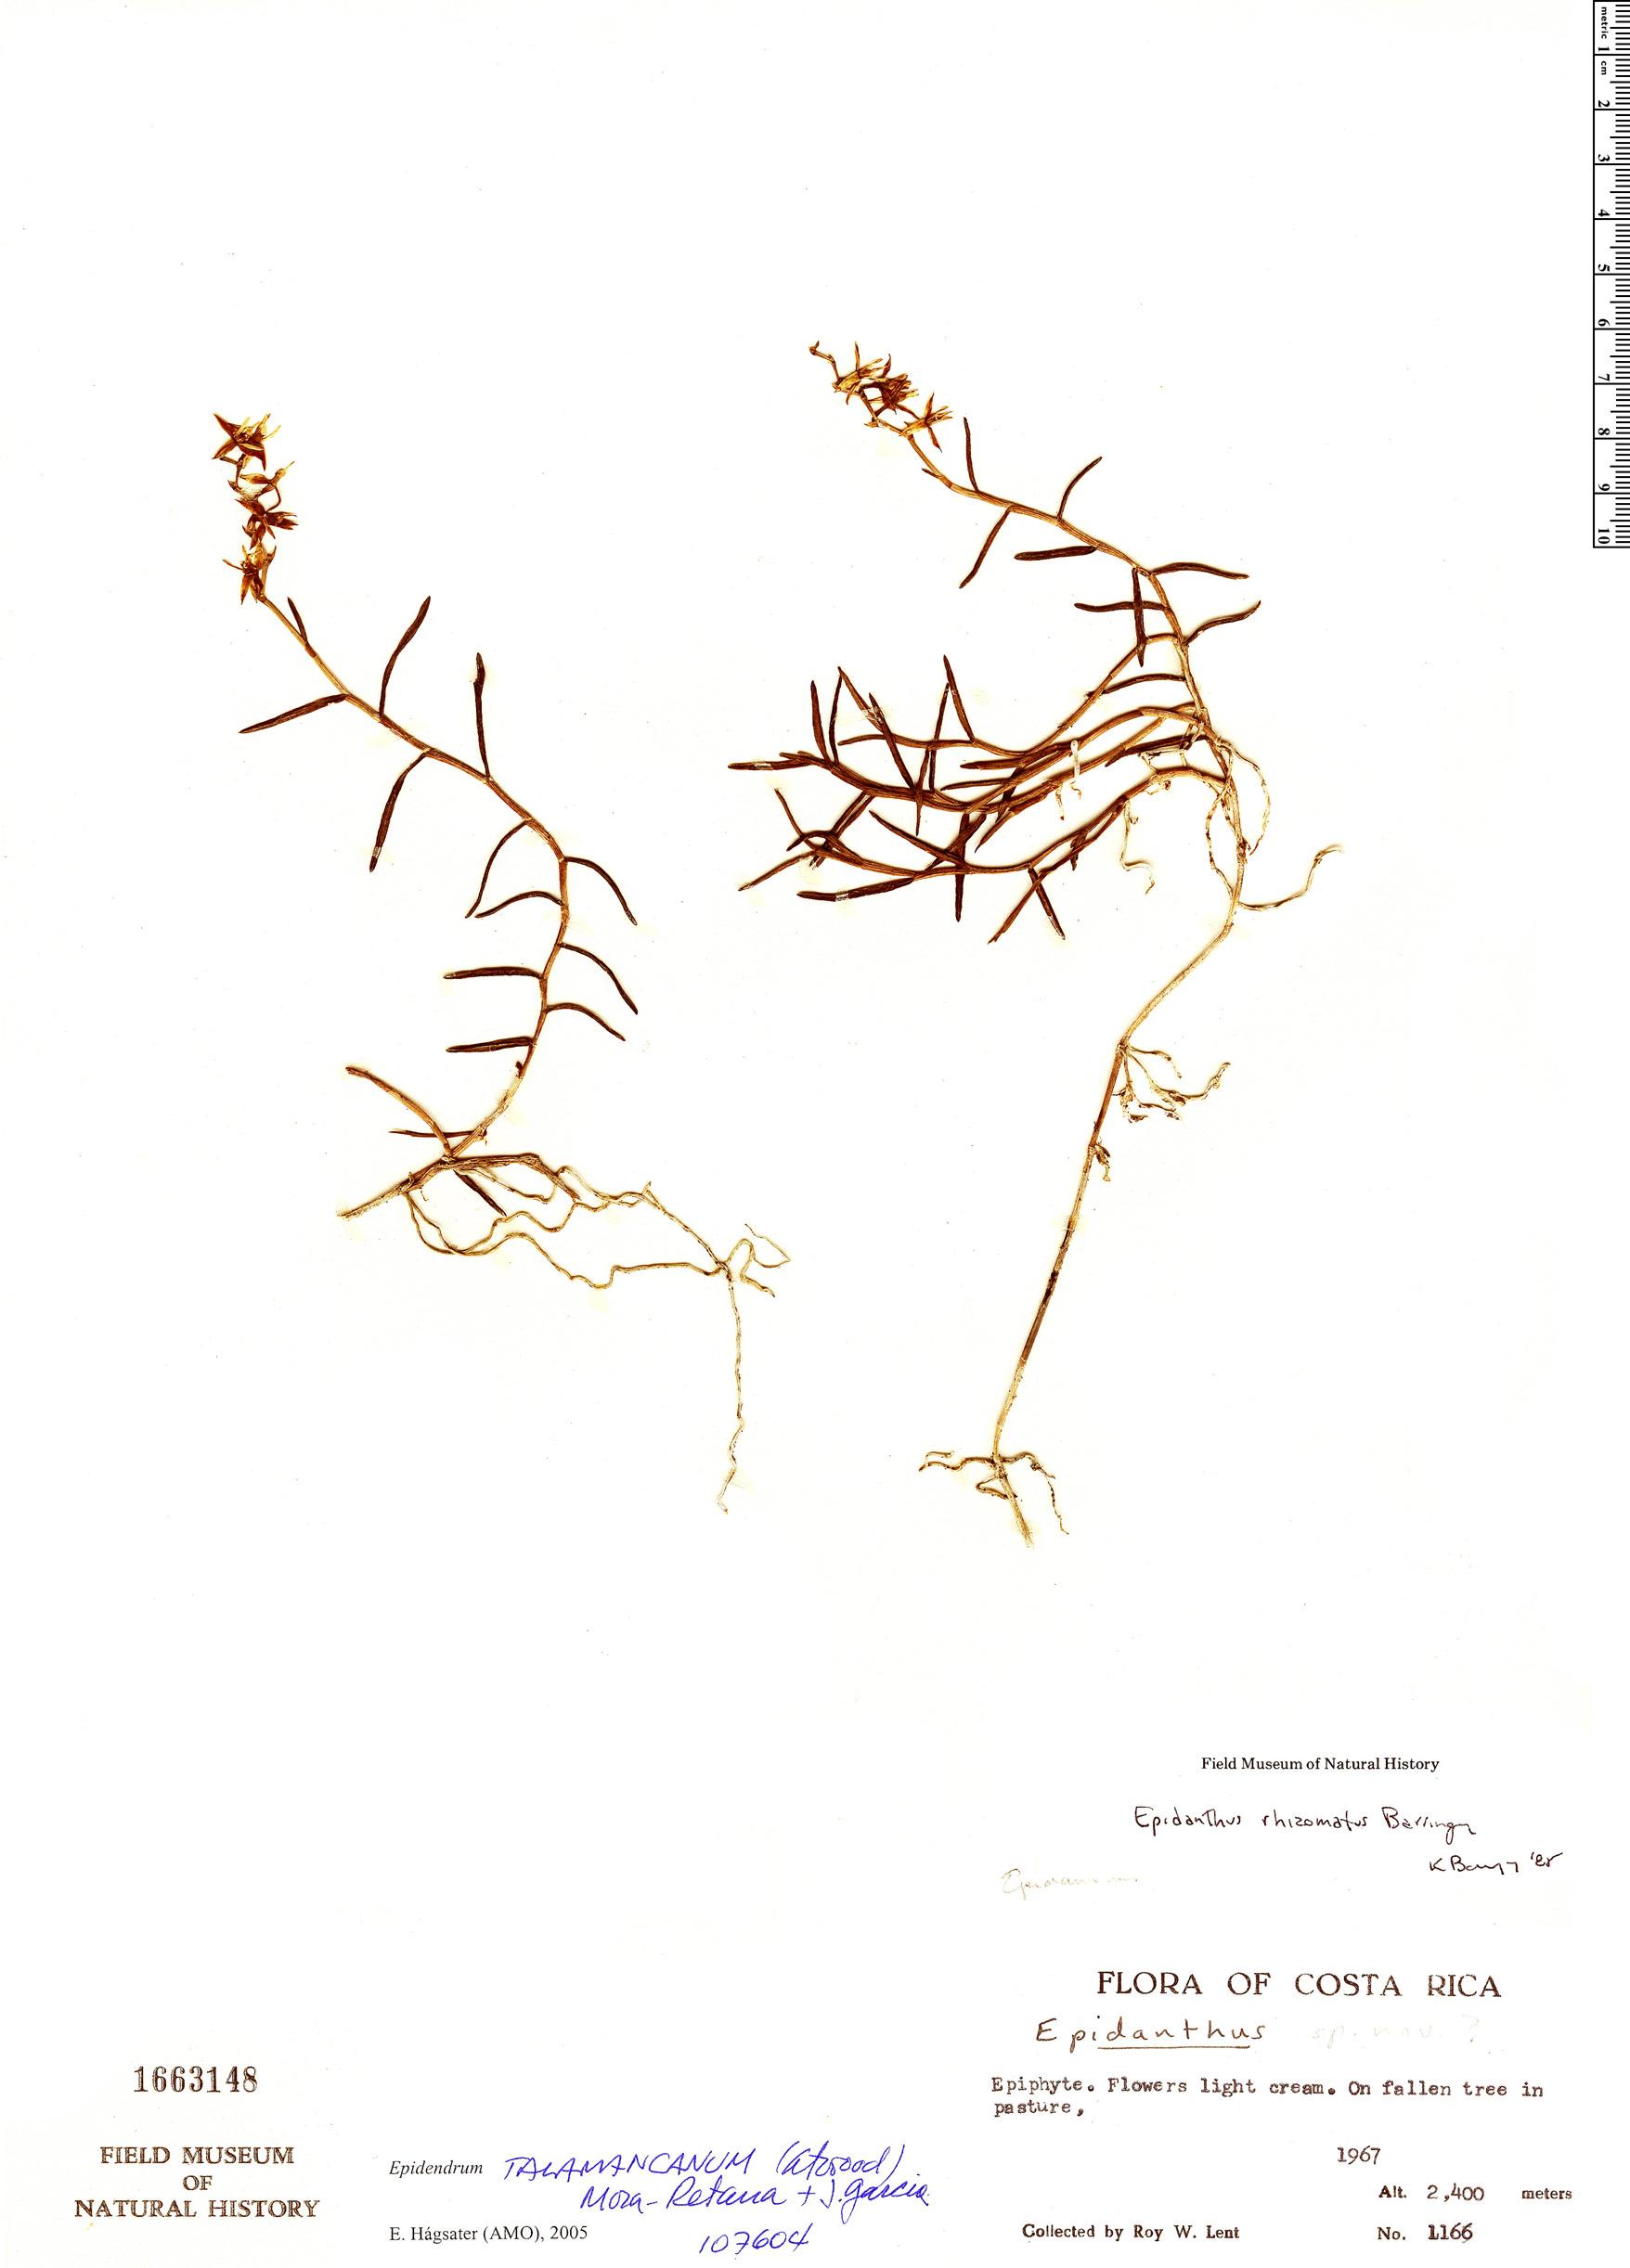 Specimen: Epidendrum talamancanum